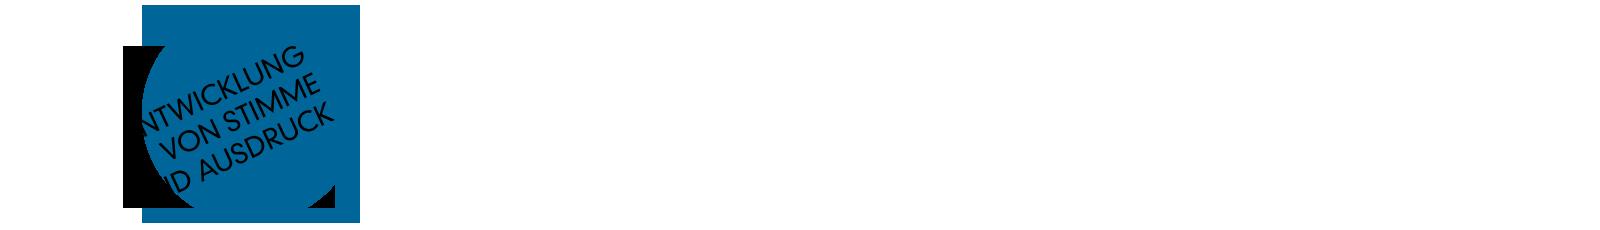 antje-behrens-slider-blau